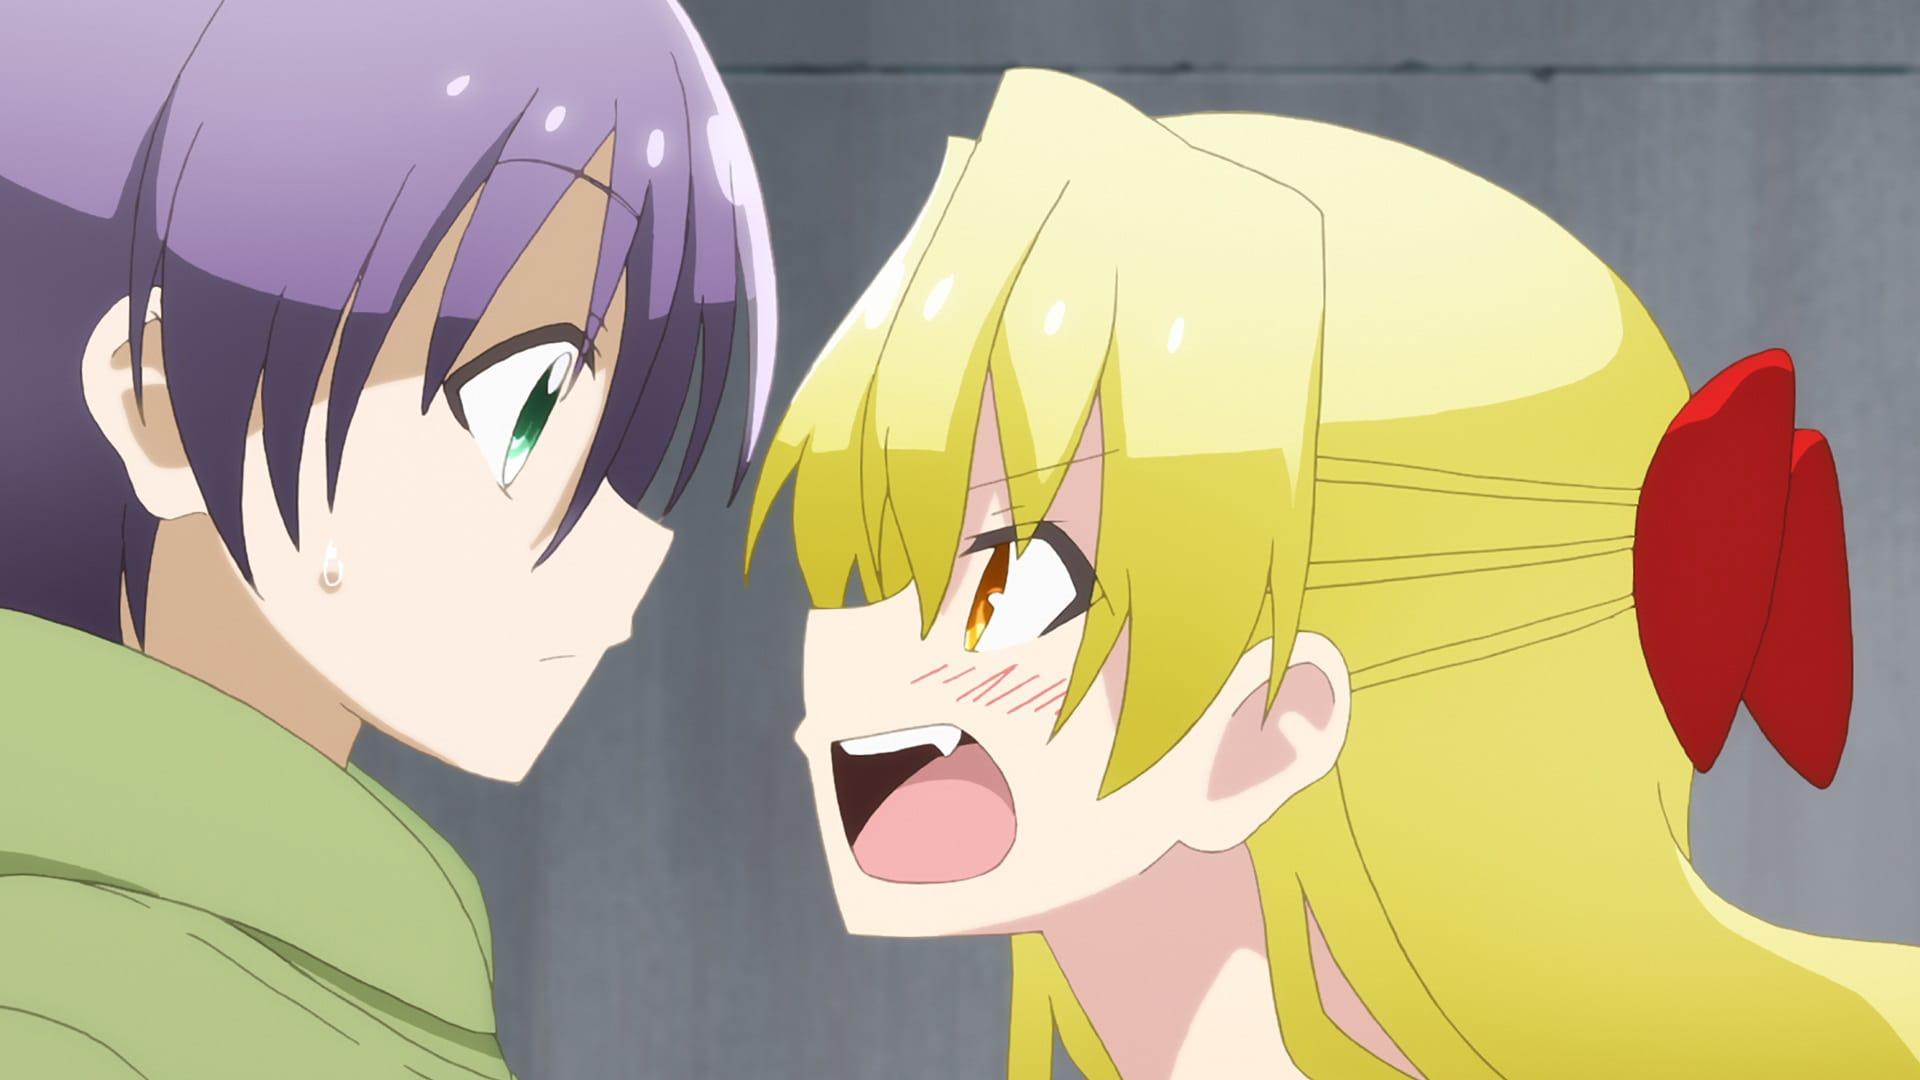 Sinopsis Tonikaku Kawaii Episode 4